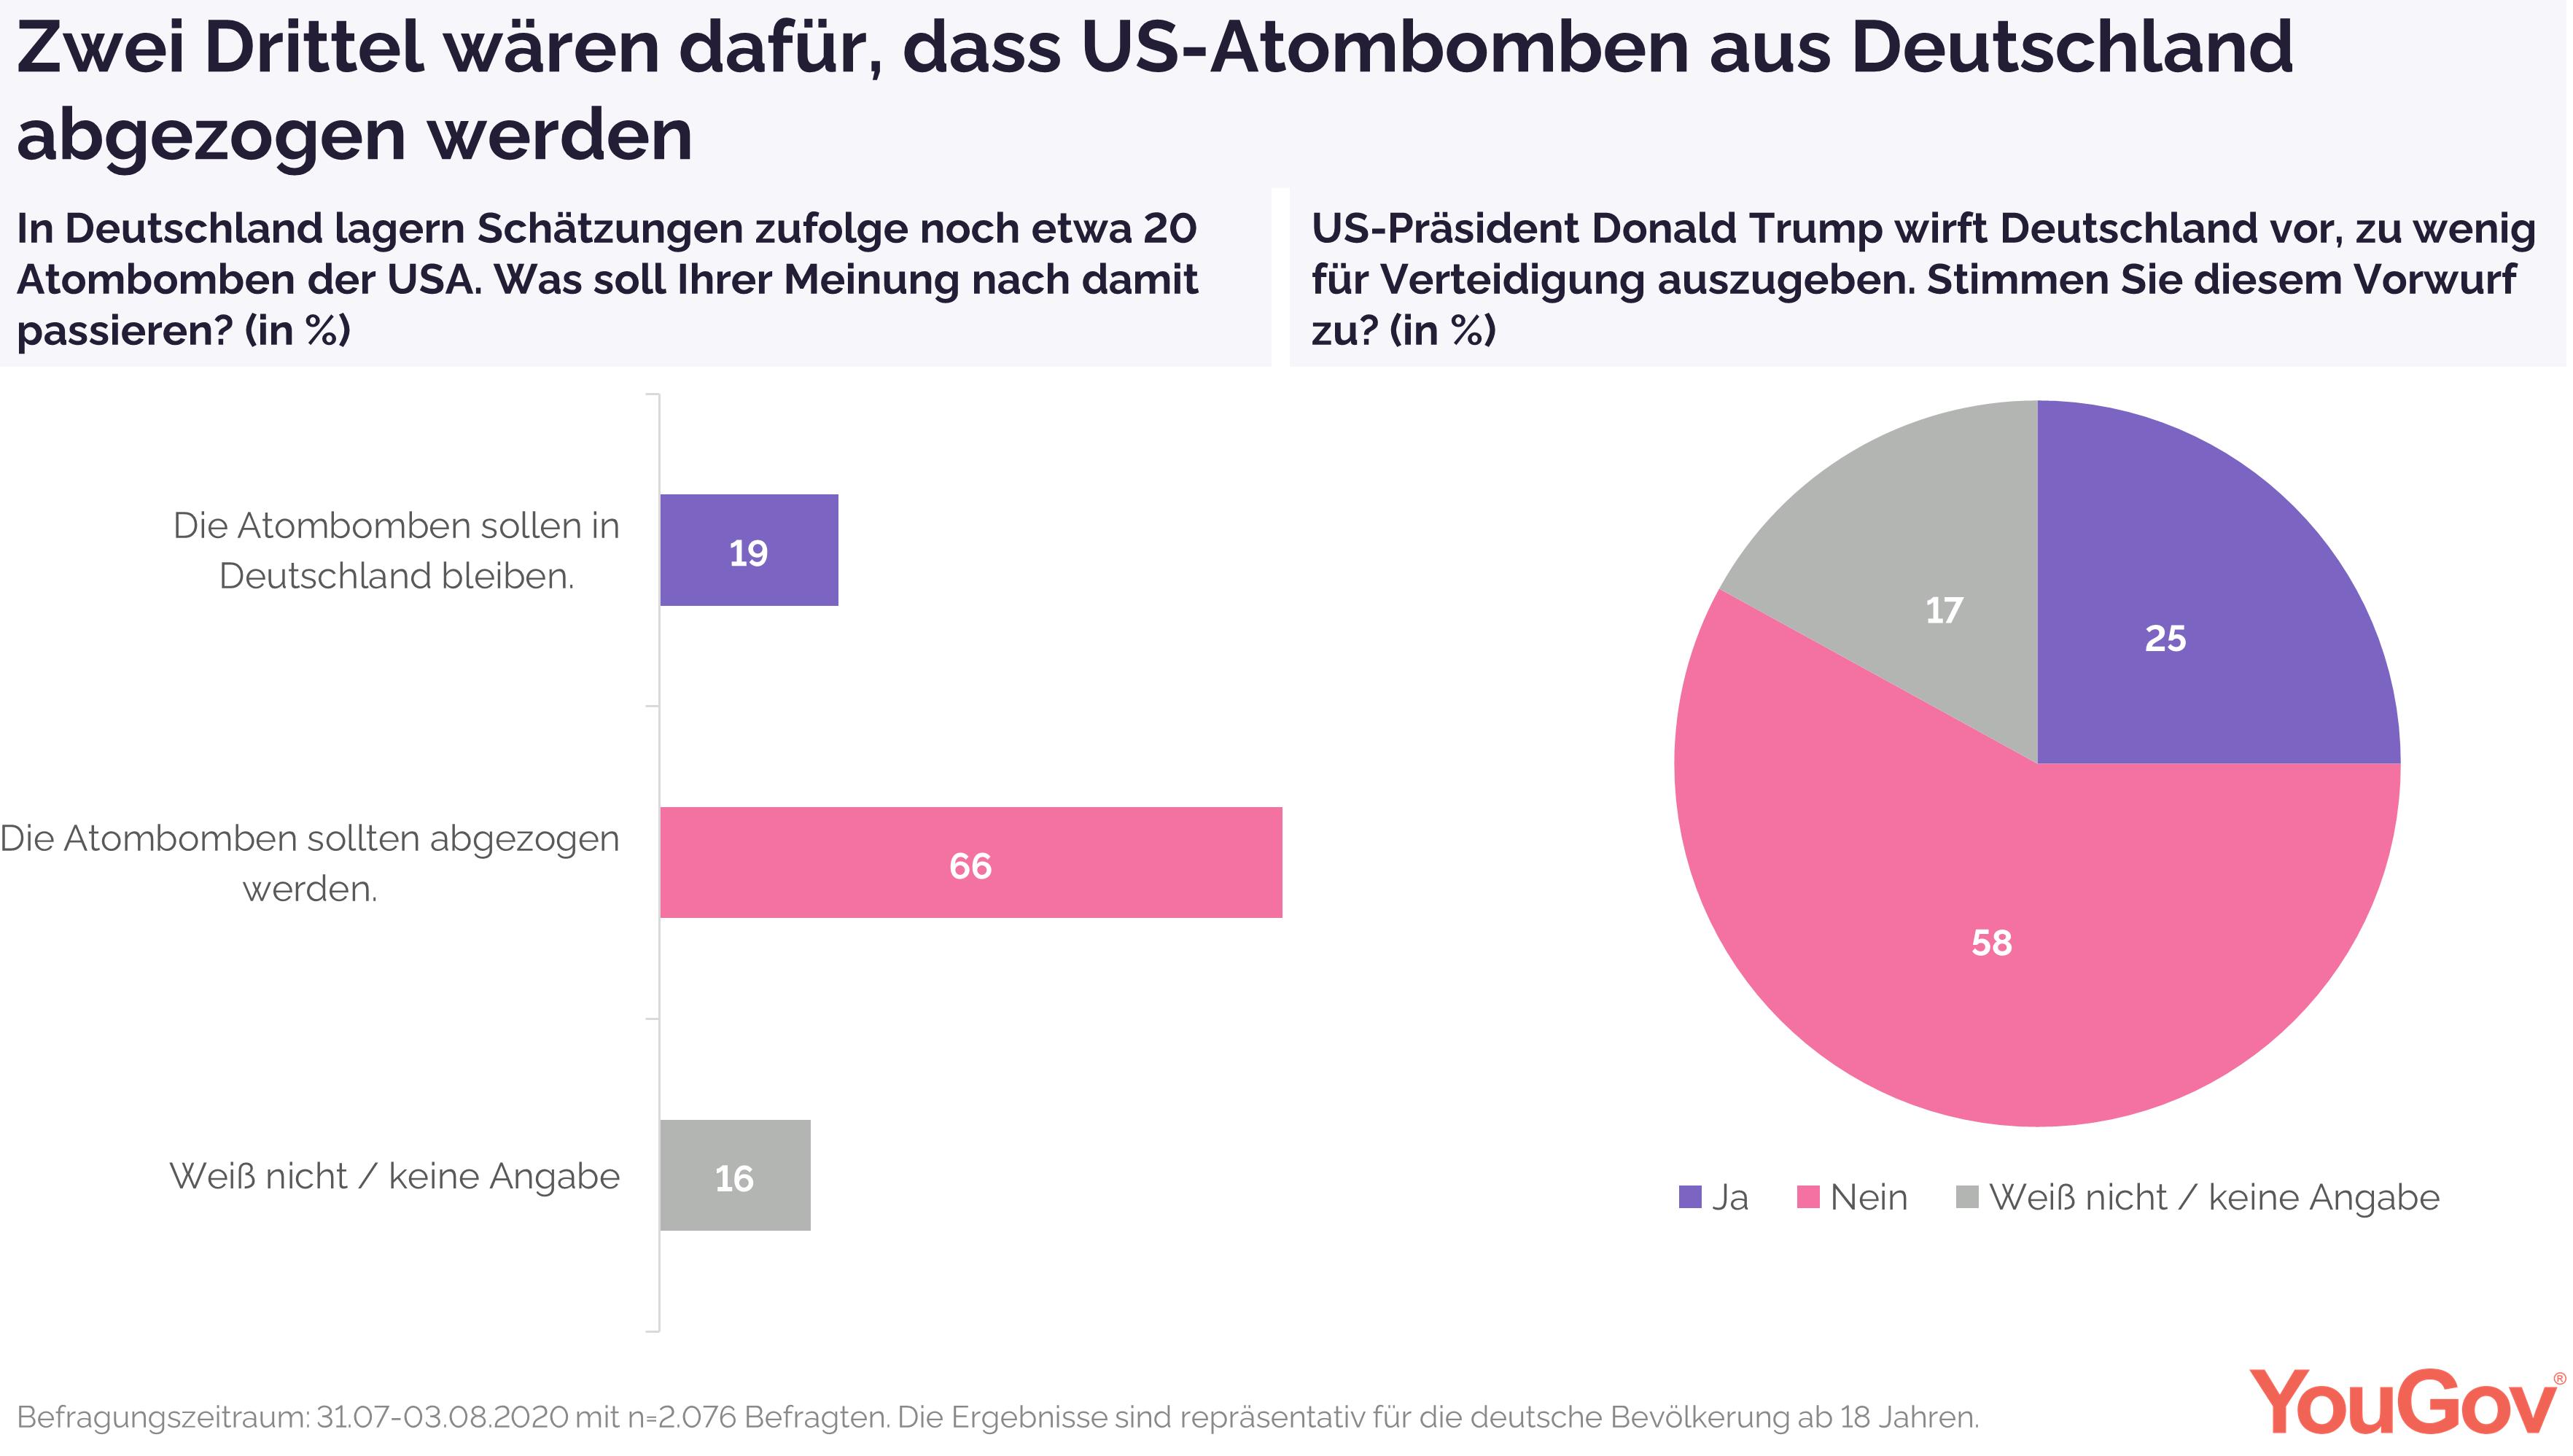 Zwei Drittel für Abzug der US-Atombomben